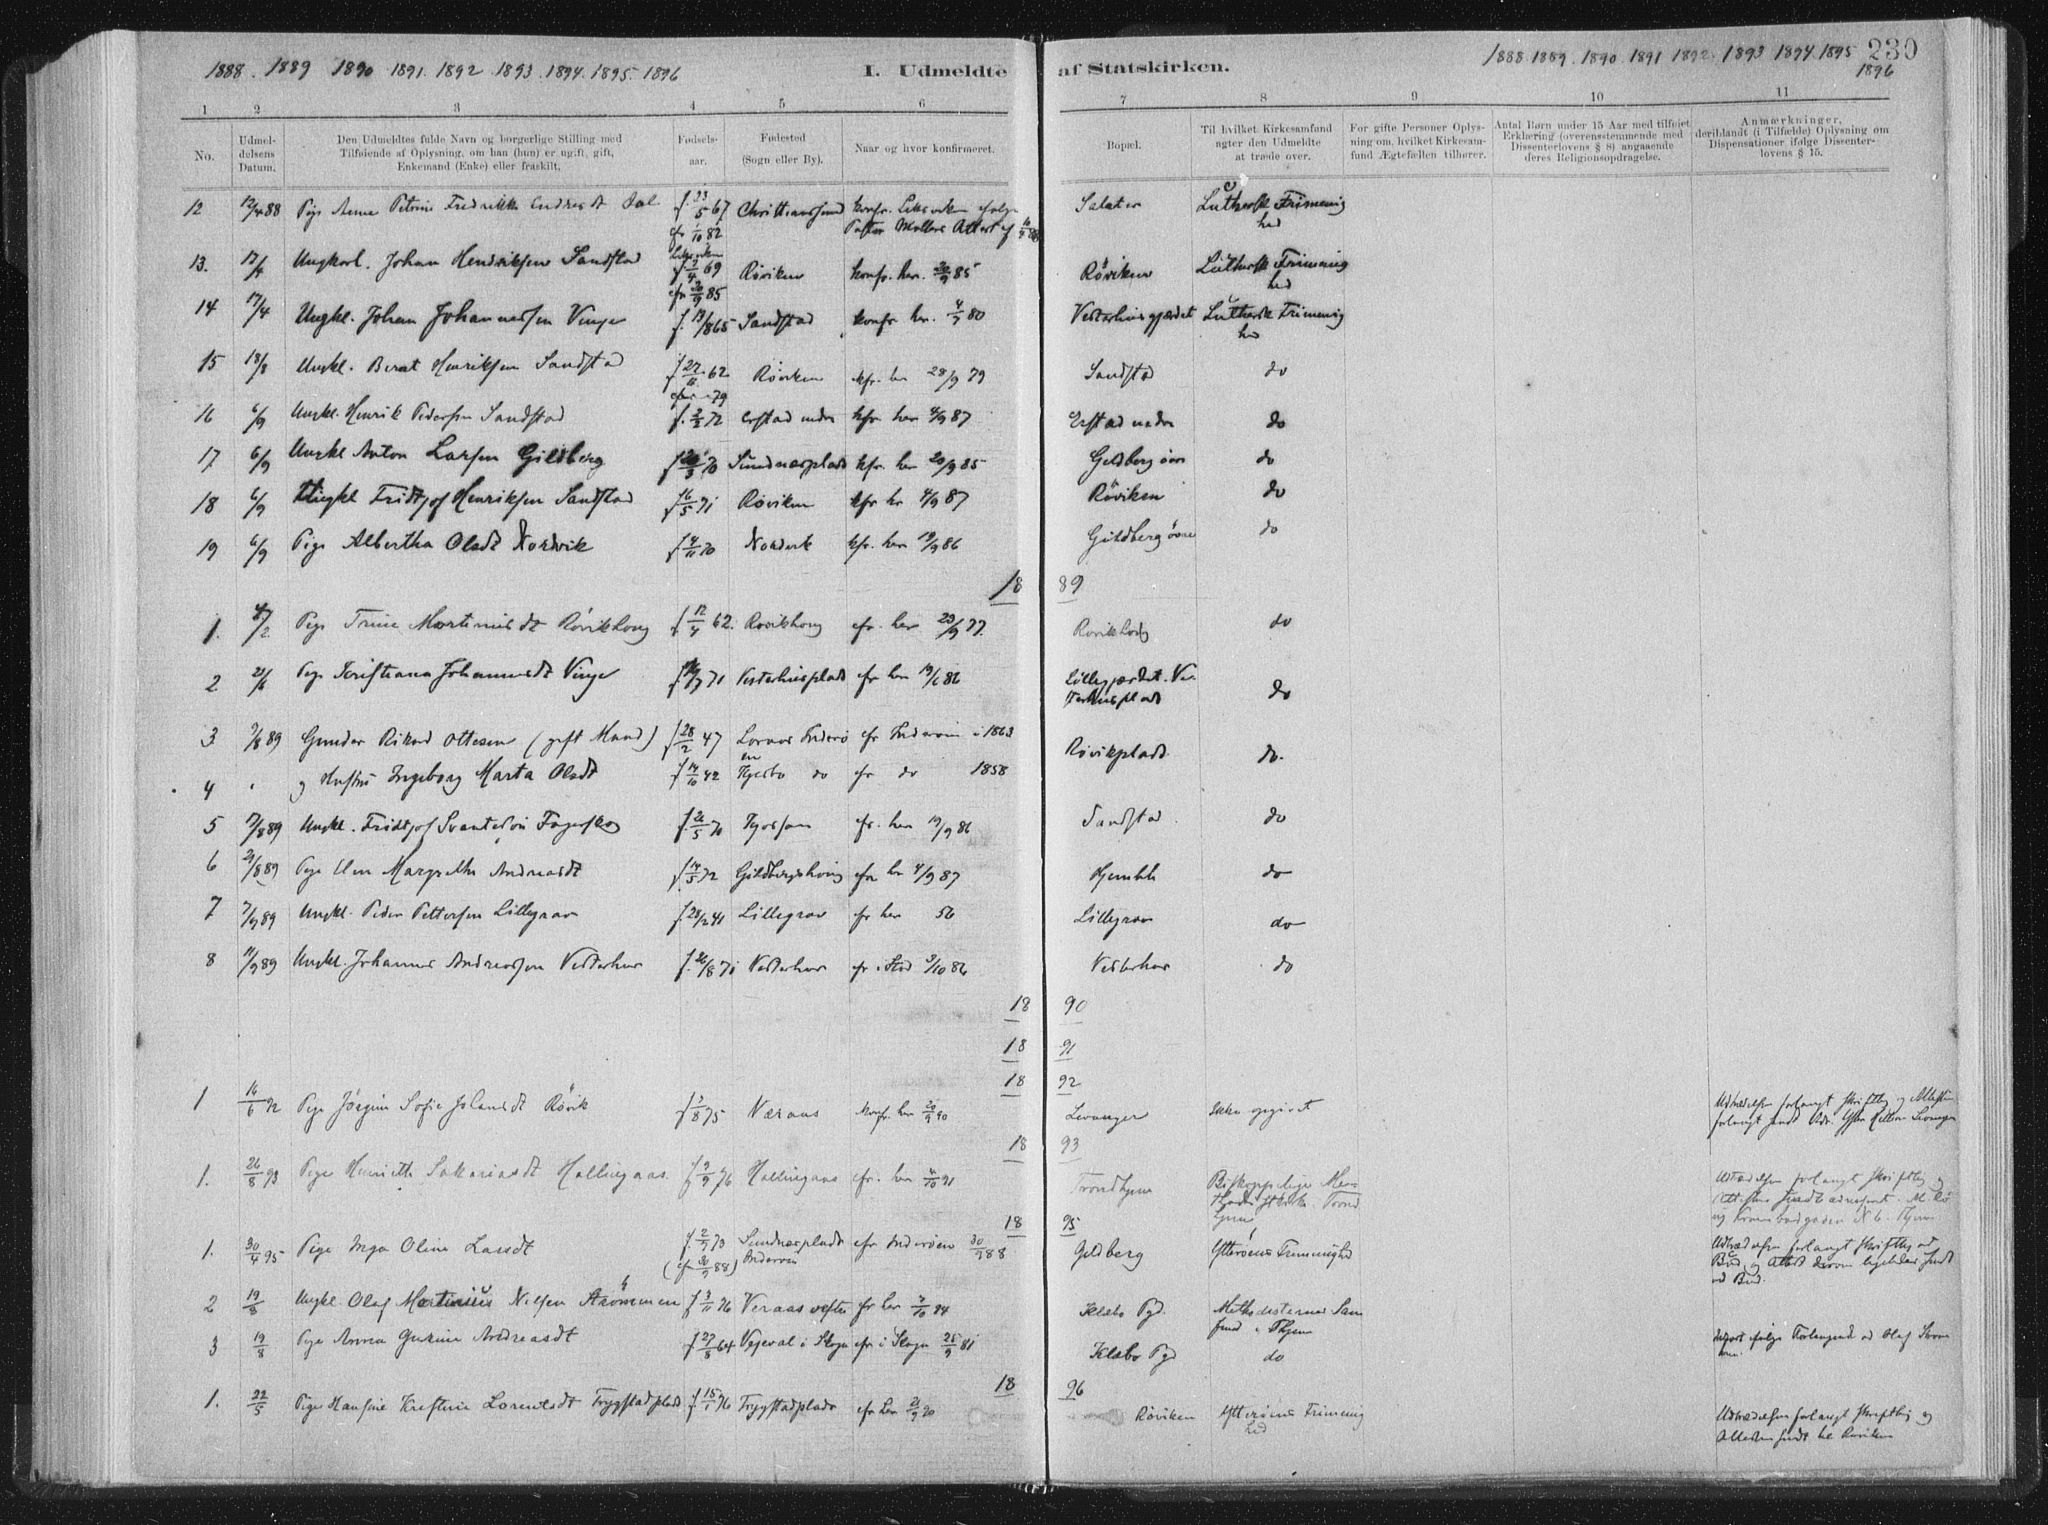 SAT, Ministerialprotokoller, klokkerbøker og fødselsregistre - Nord-Trøndelag, 722/L0220: Ministerialbok nr. 722A07, 1881-1908, s. 230